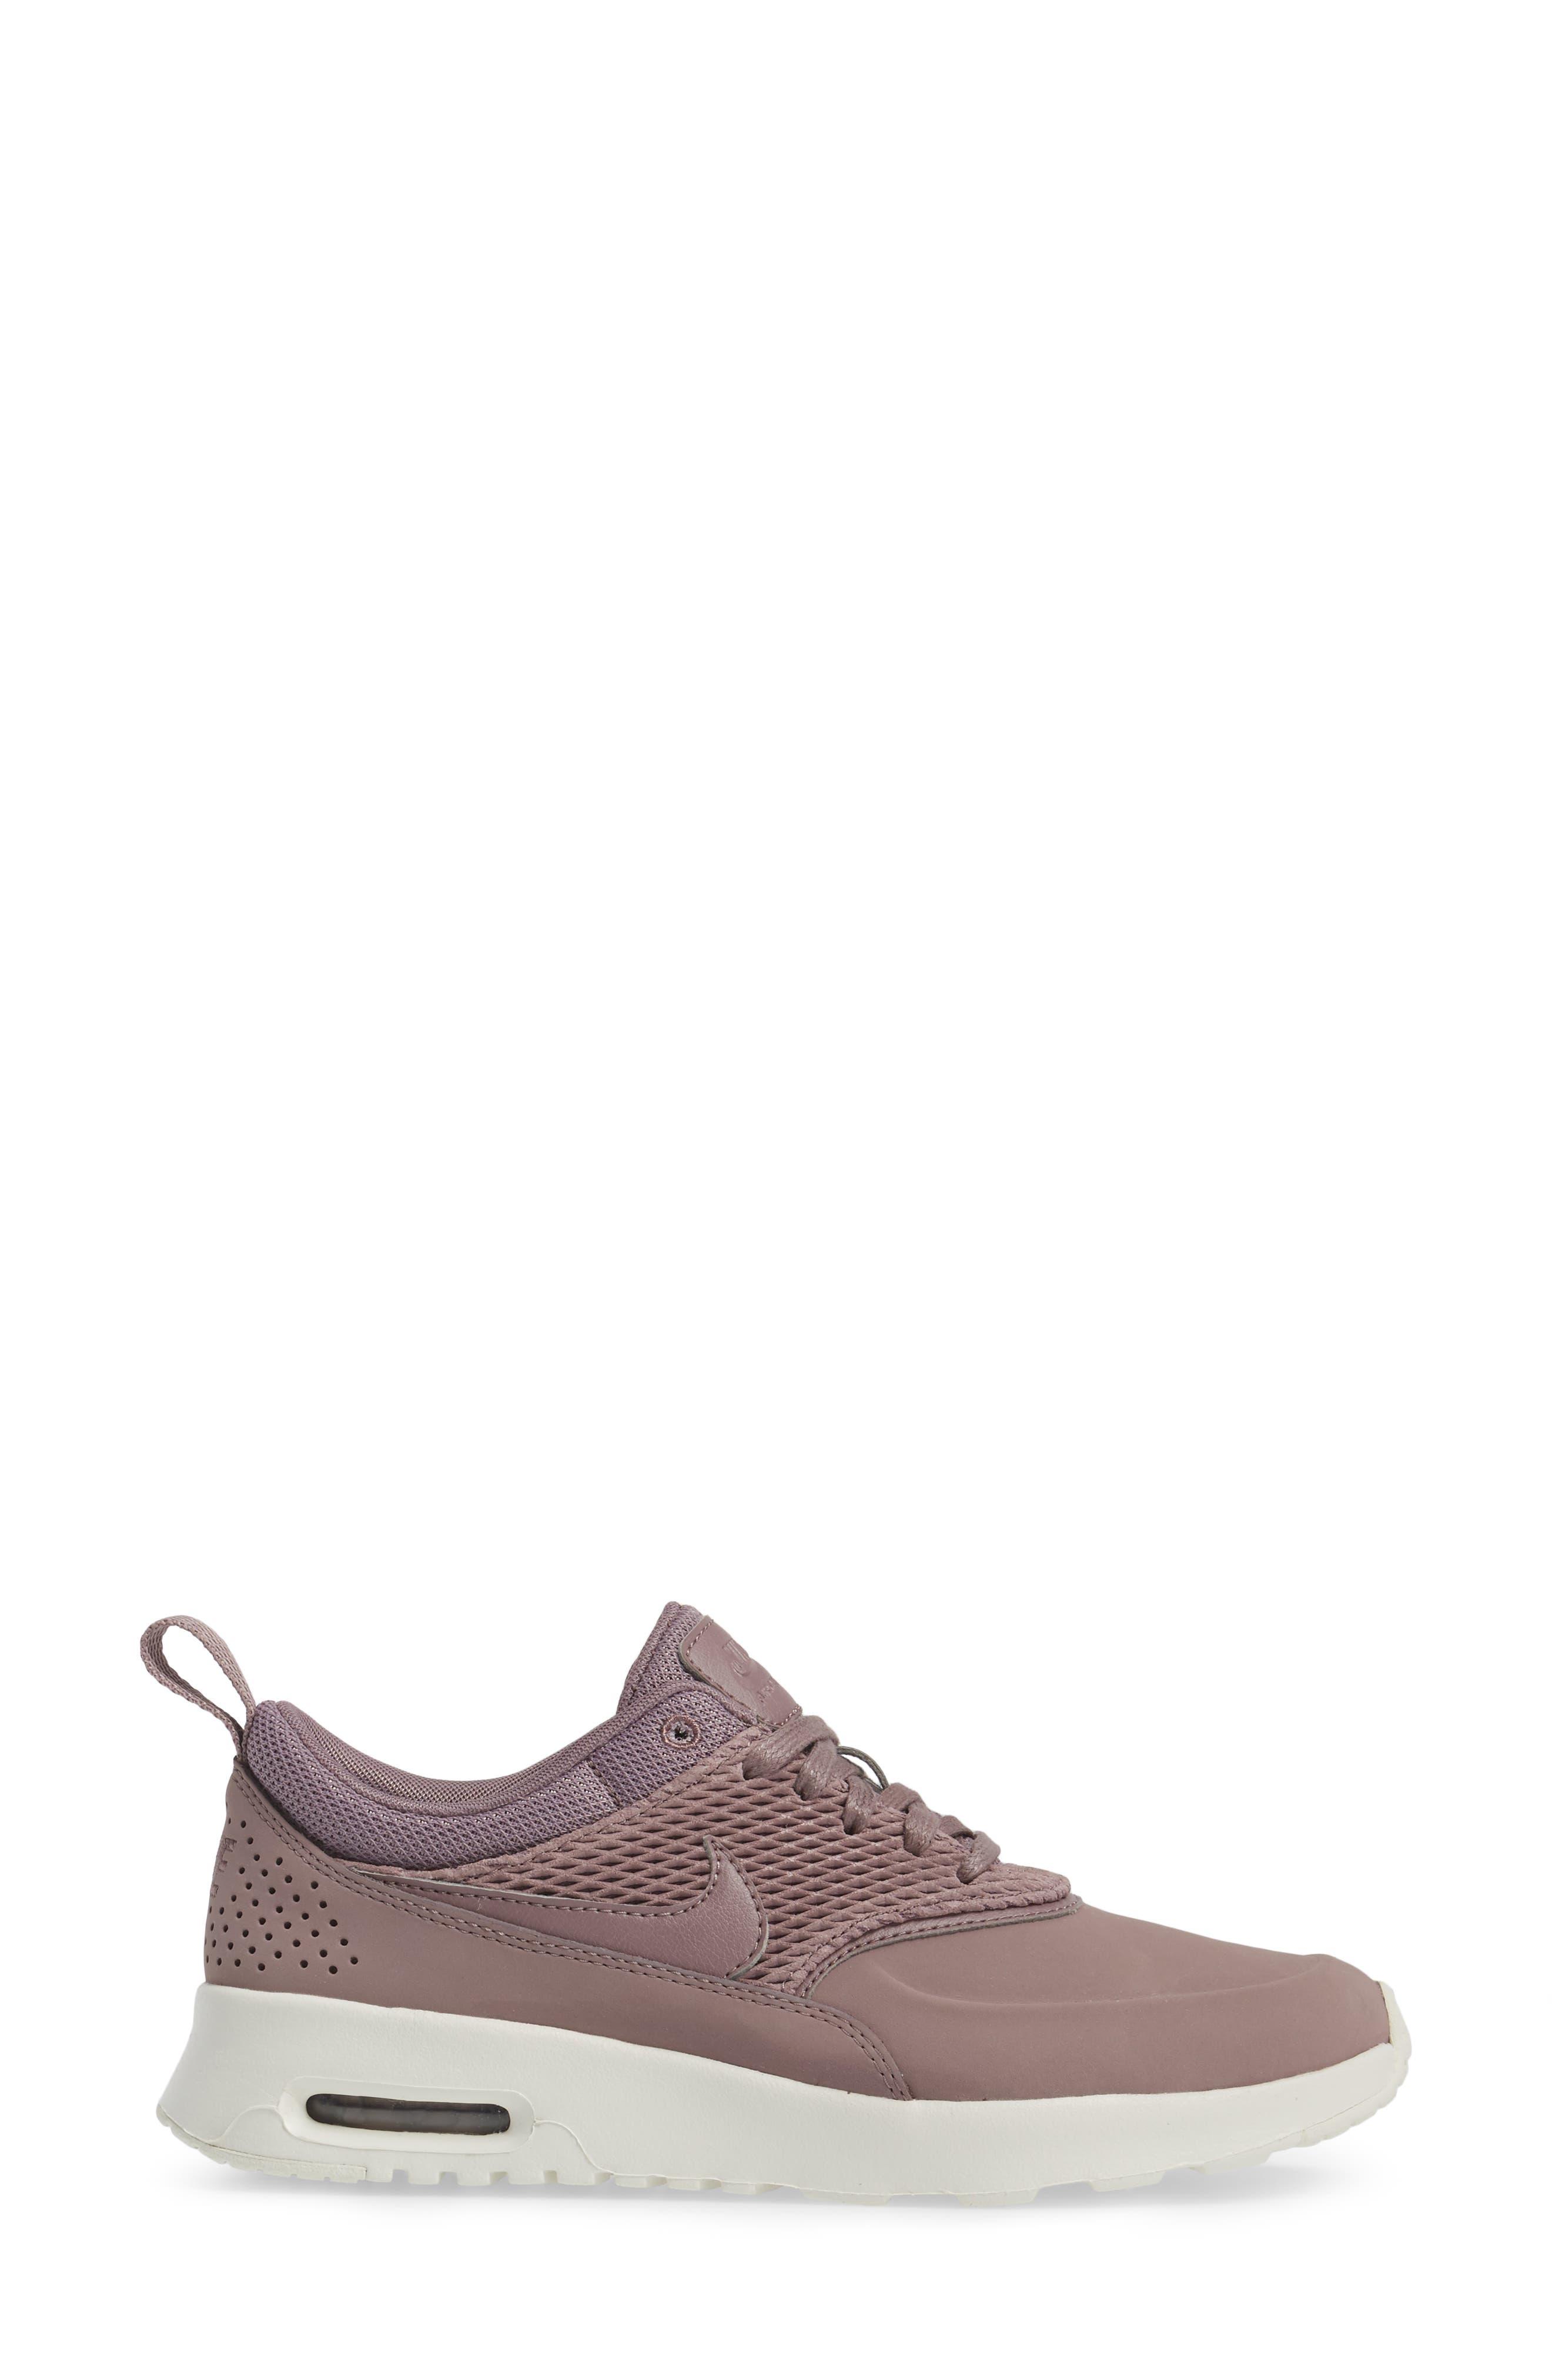 Air Max Thea Premium Sneaker,                             Alternate thumbnail 3, color,                             025